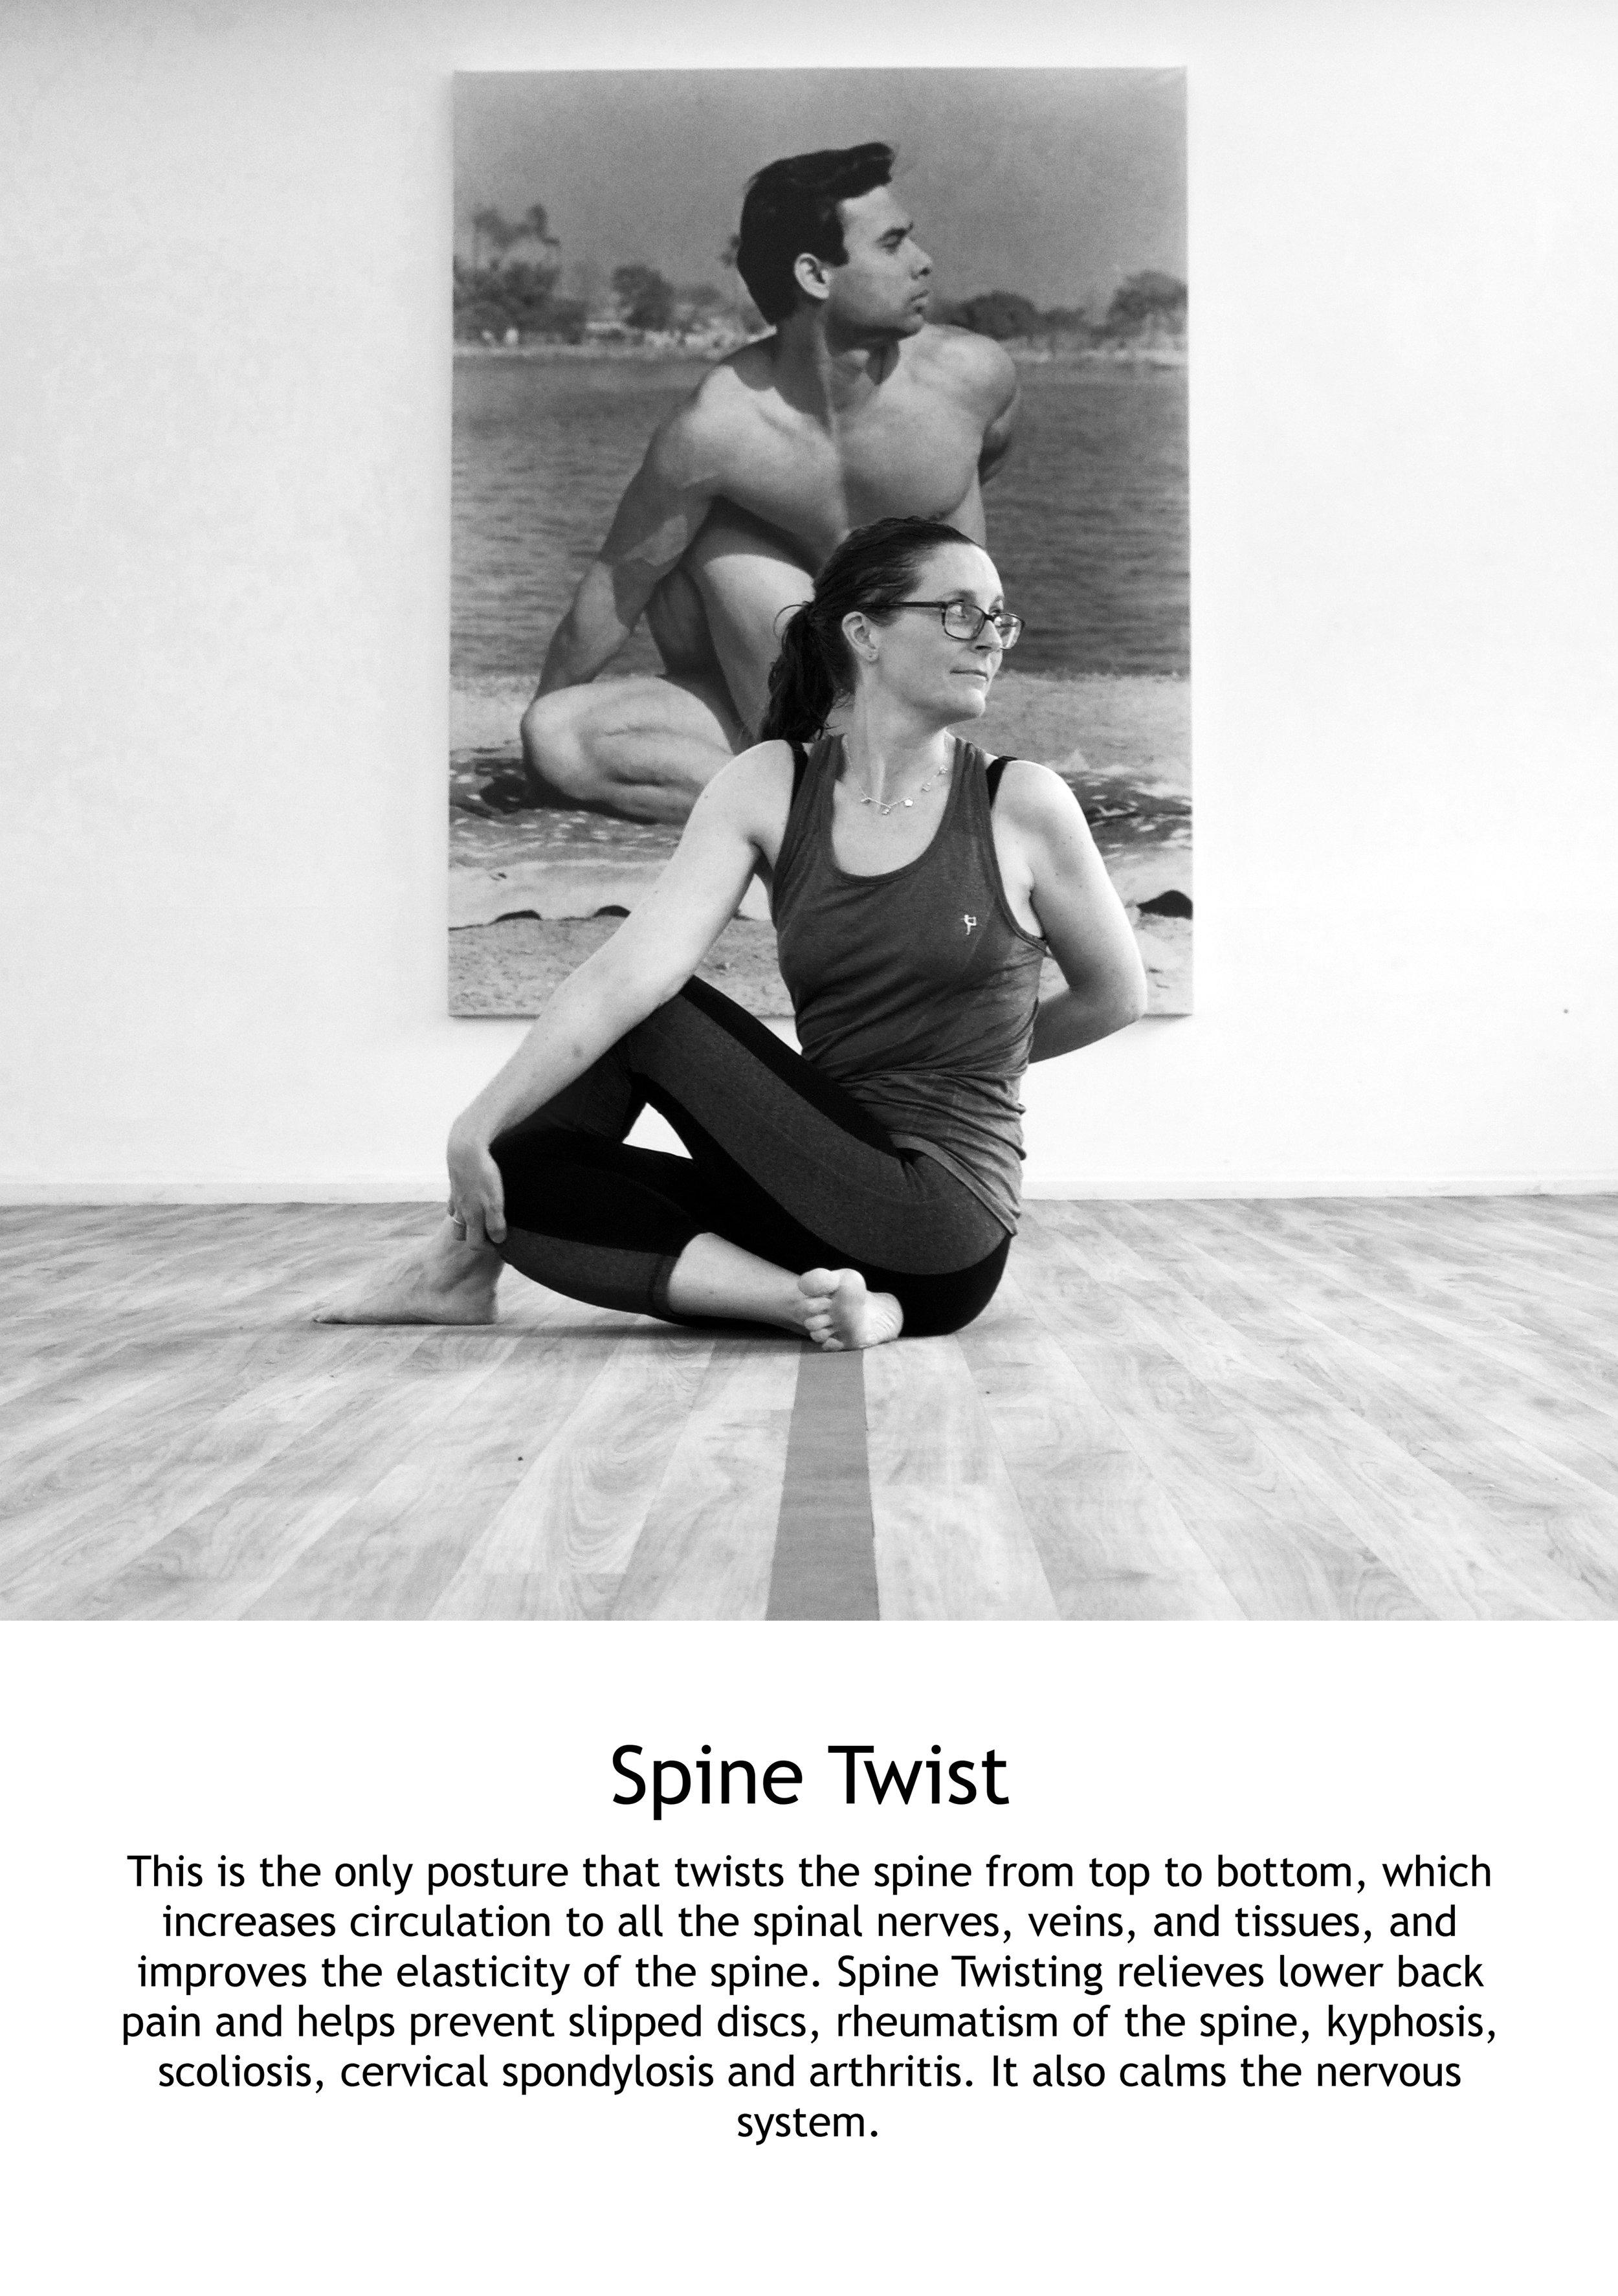 Spine Twist